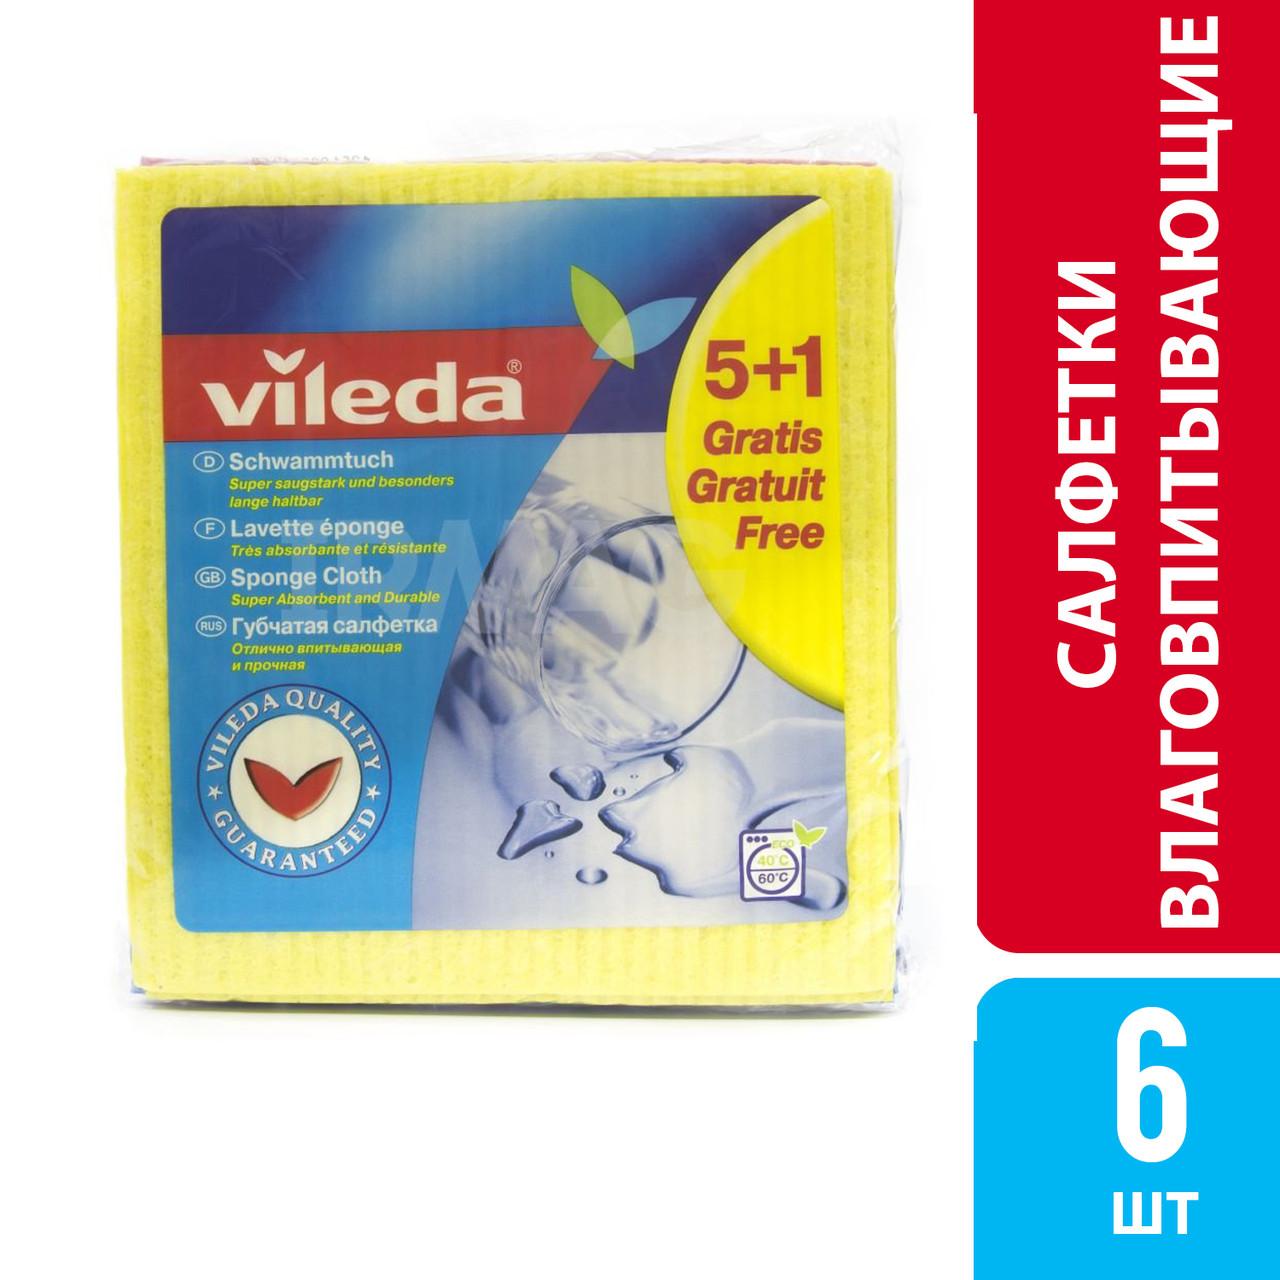 Салфетки влаговпитывающие Sponge Cloth, Vileda, 5+1 шт.